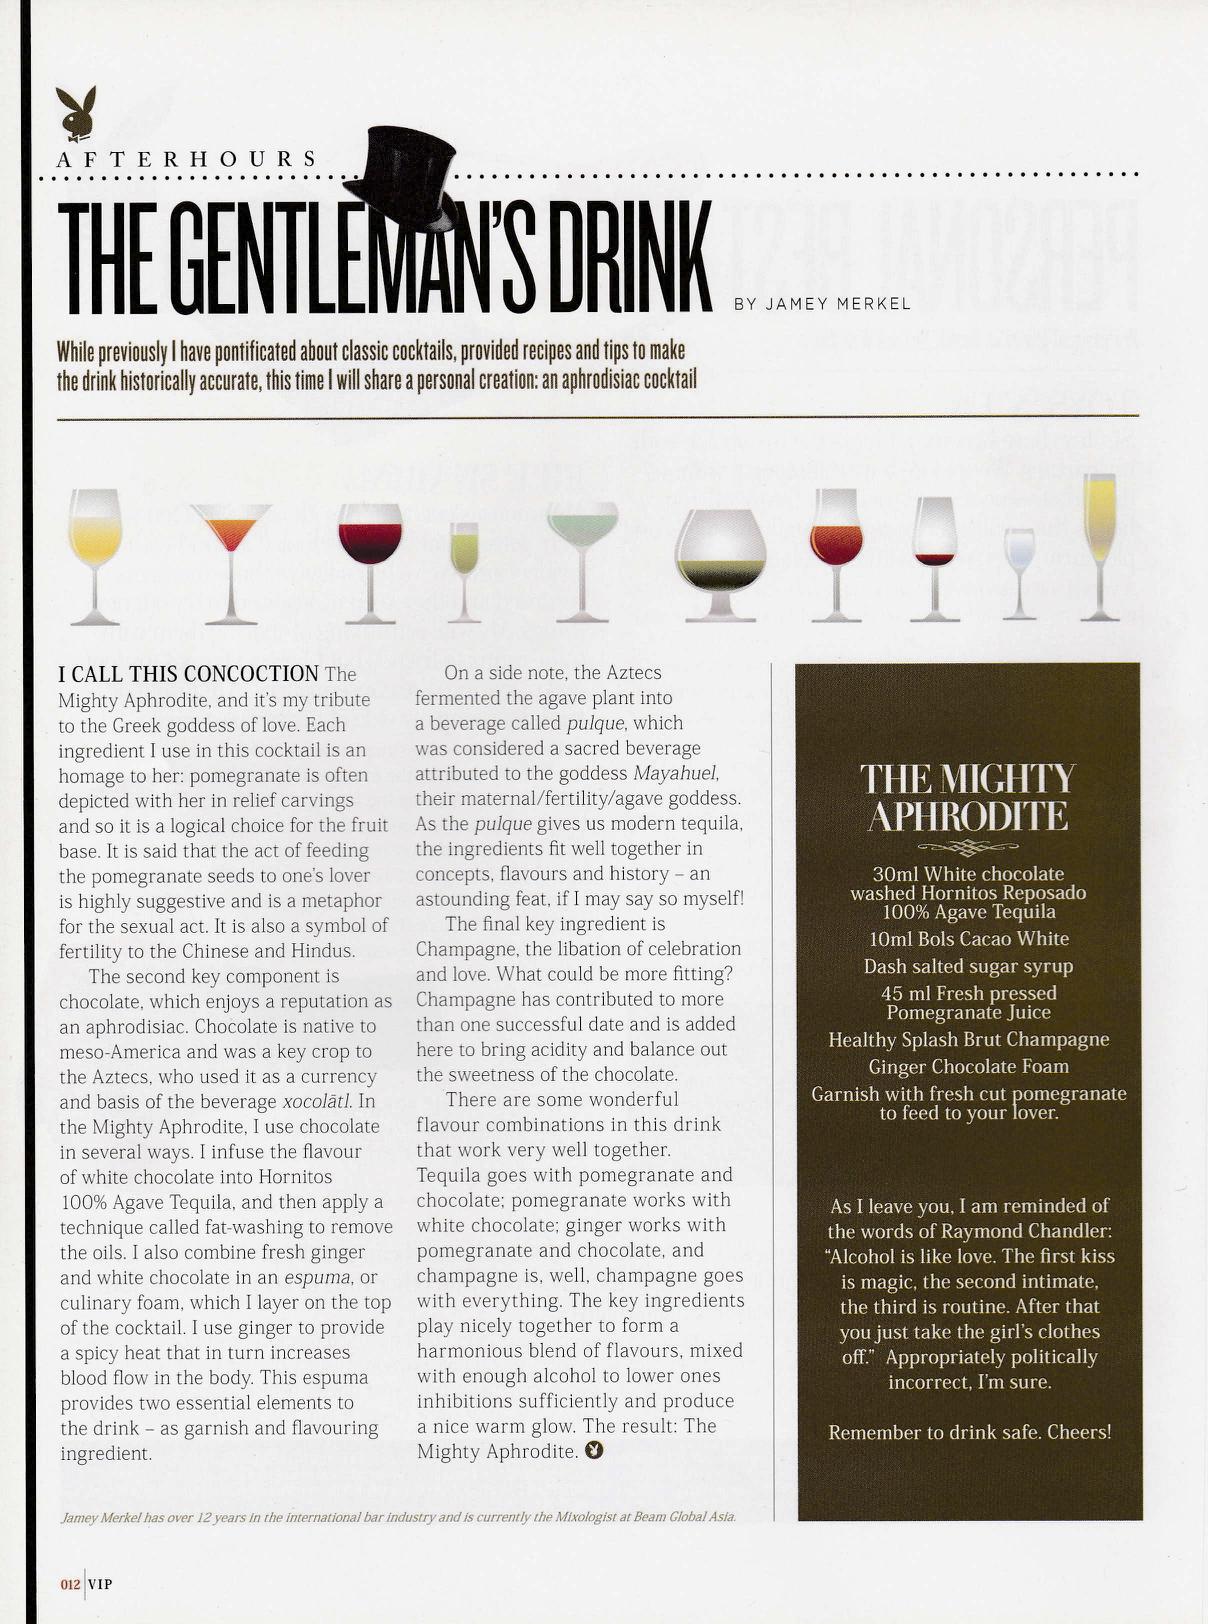 VIP  : Monthly column called The Gentleman's Drink